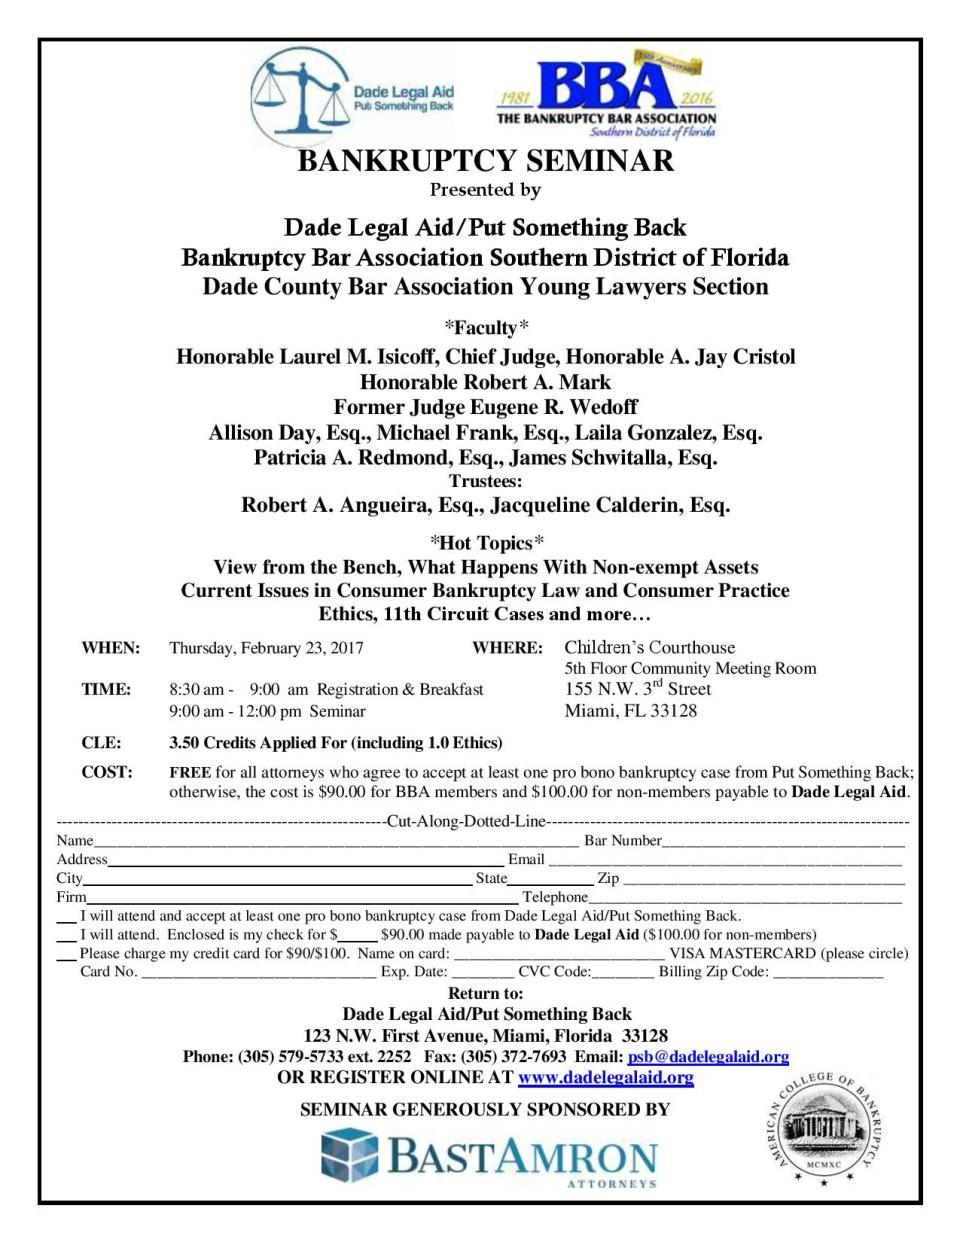 2-23-17 BANKRUPTCY SEMINAR#2-page-001